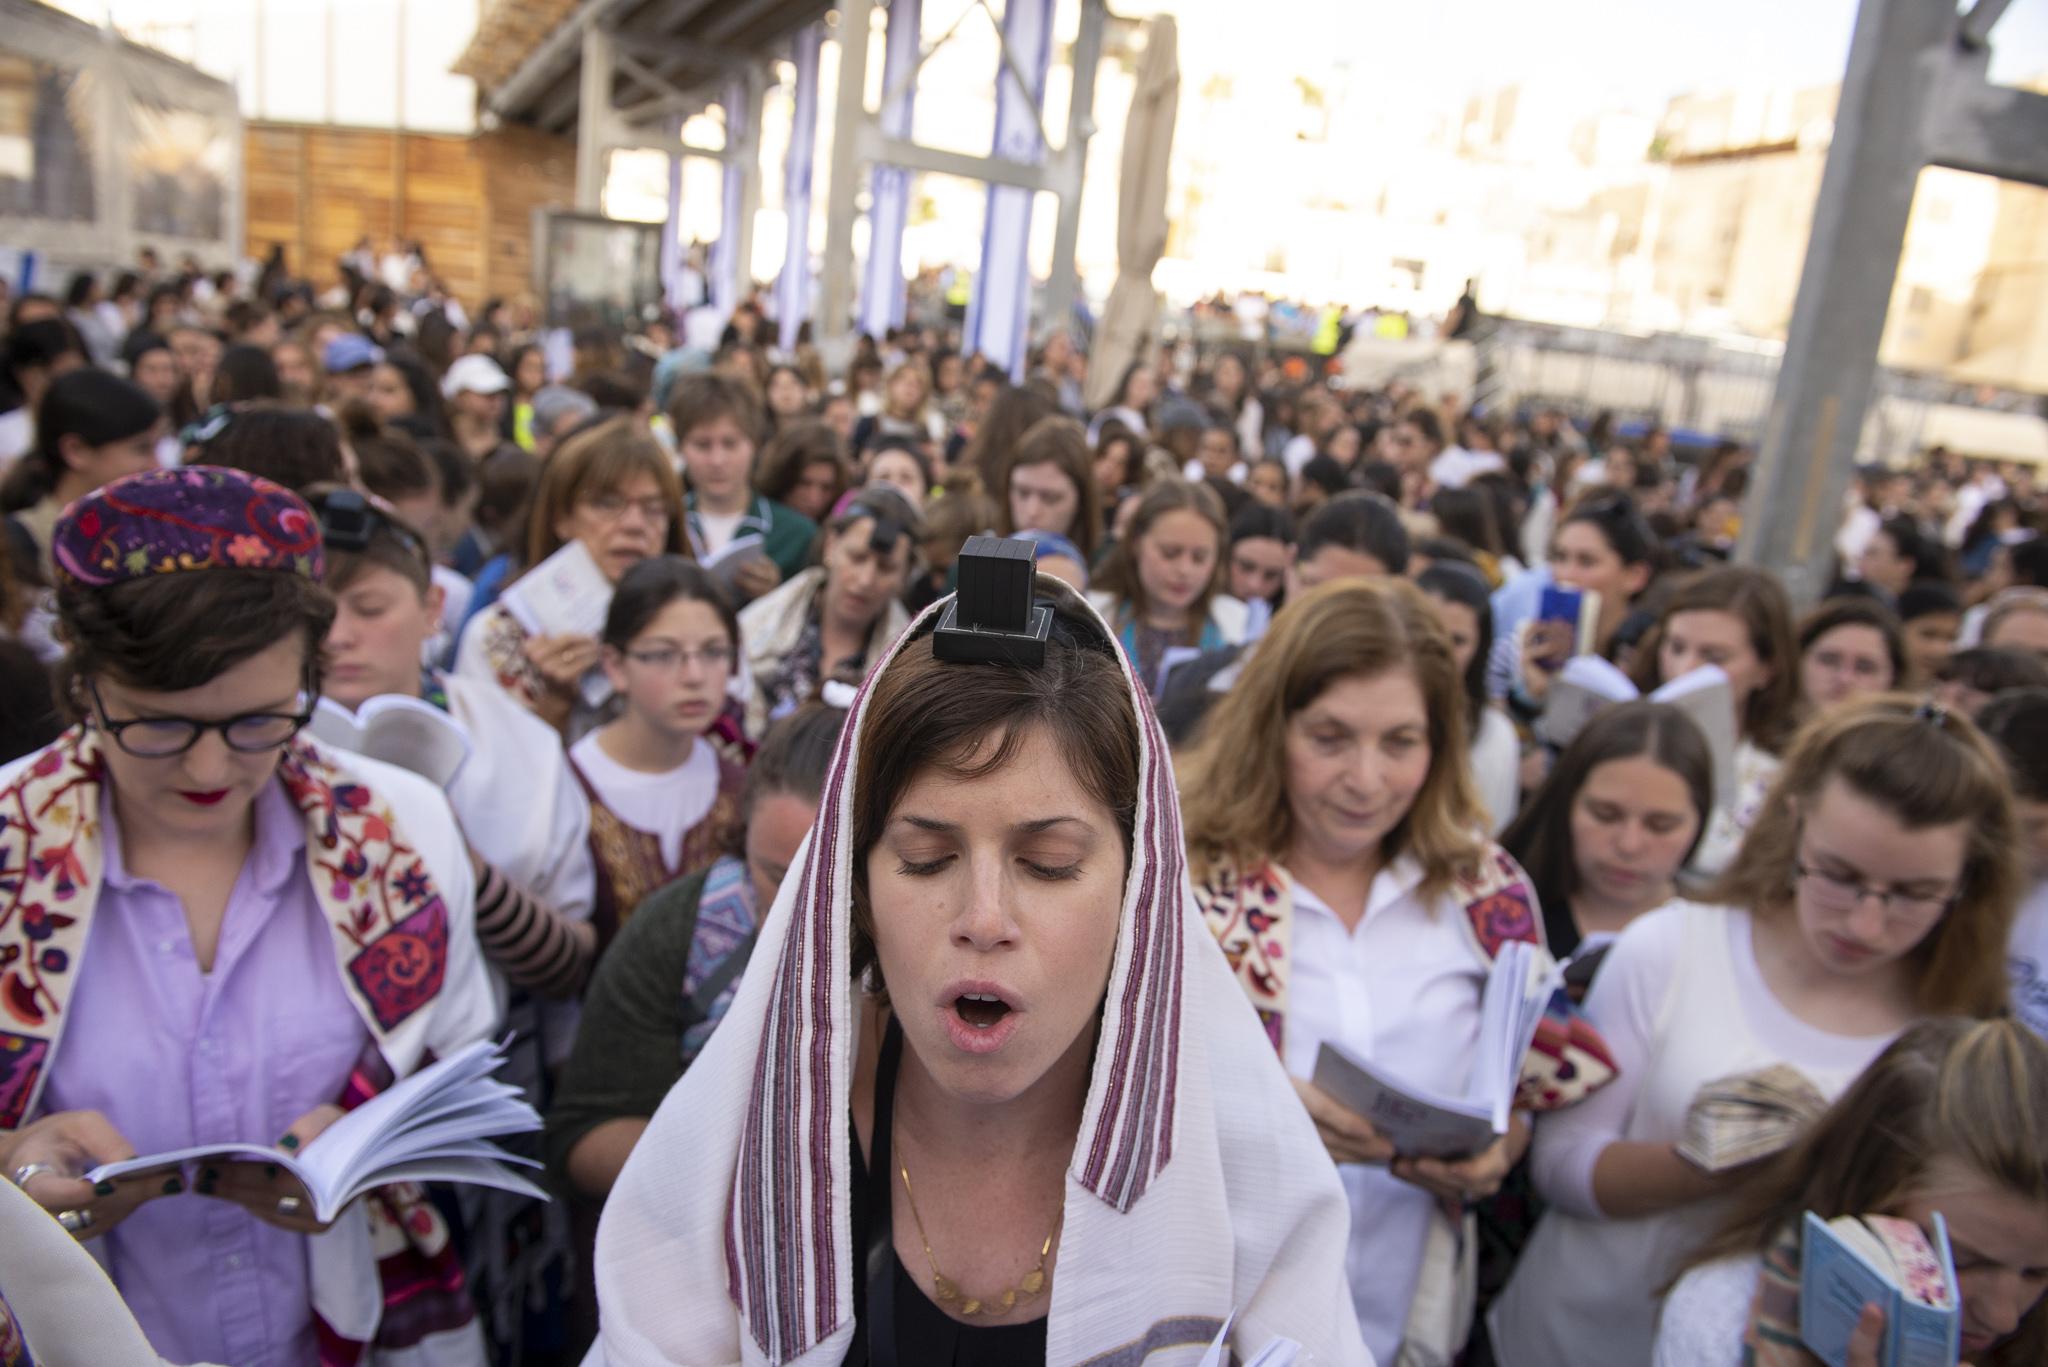 יוכי בתפילה בכותל. קרדיט צילום- דניאל שטרית